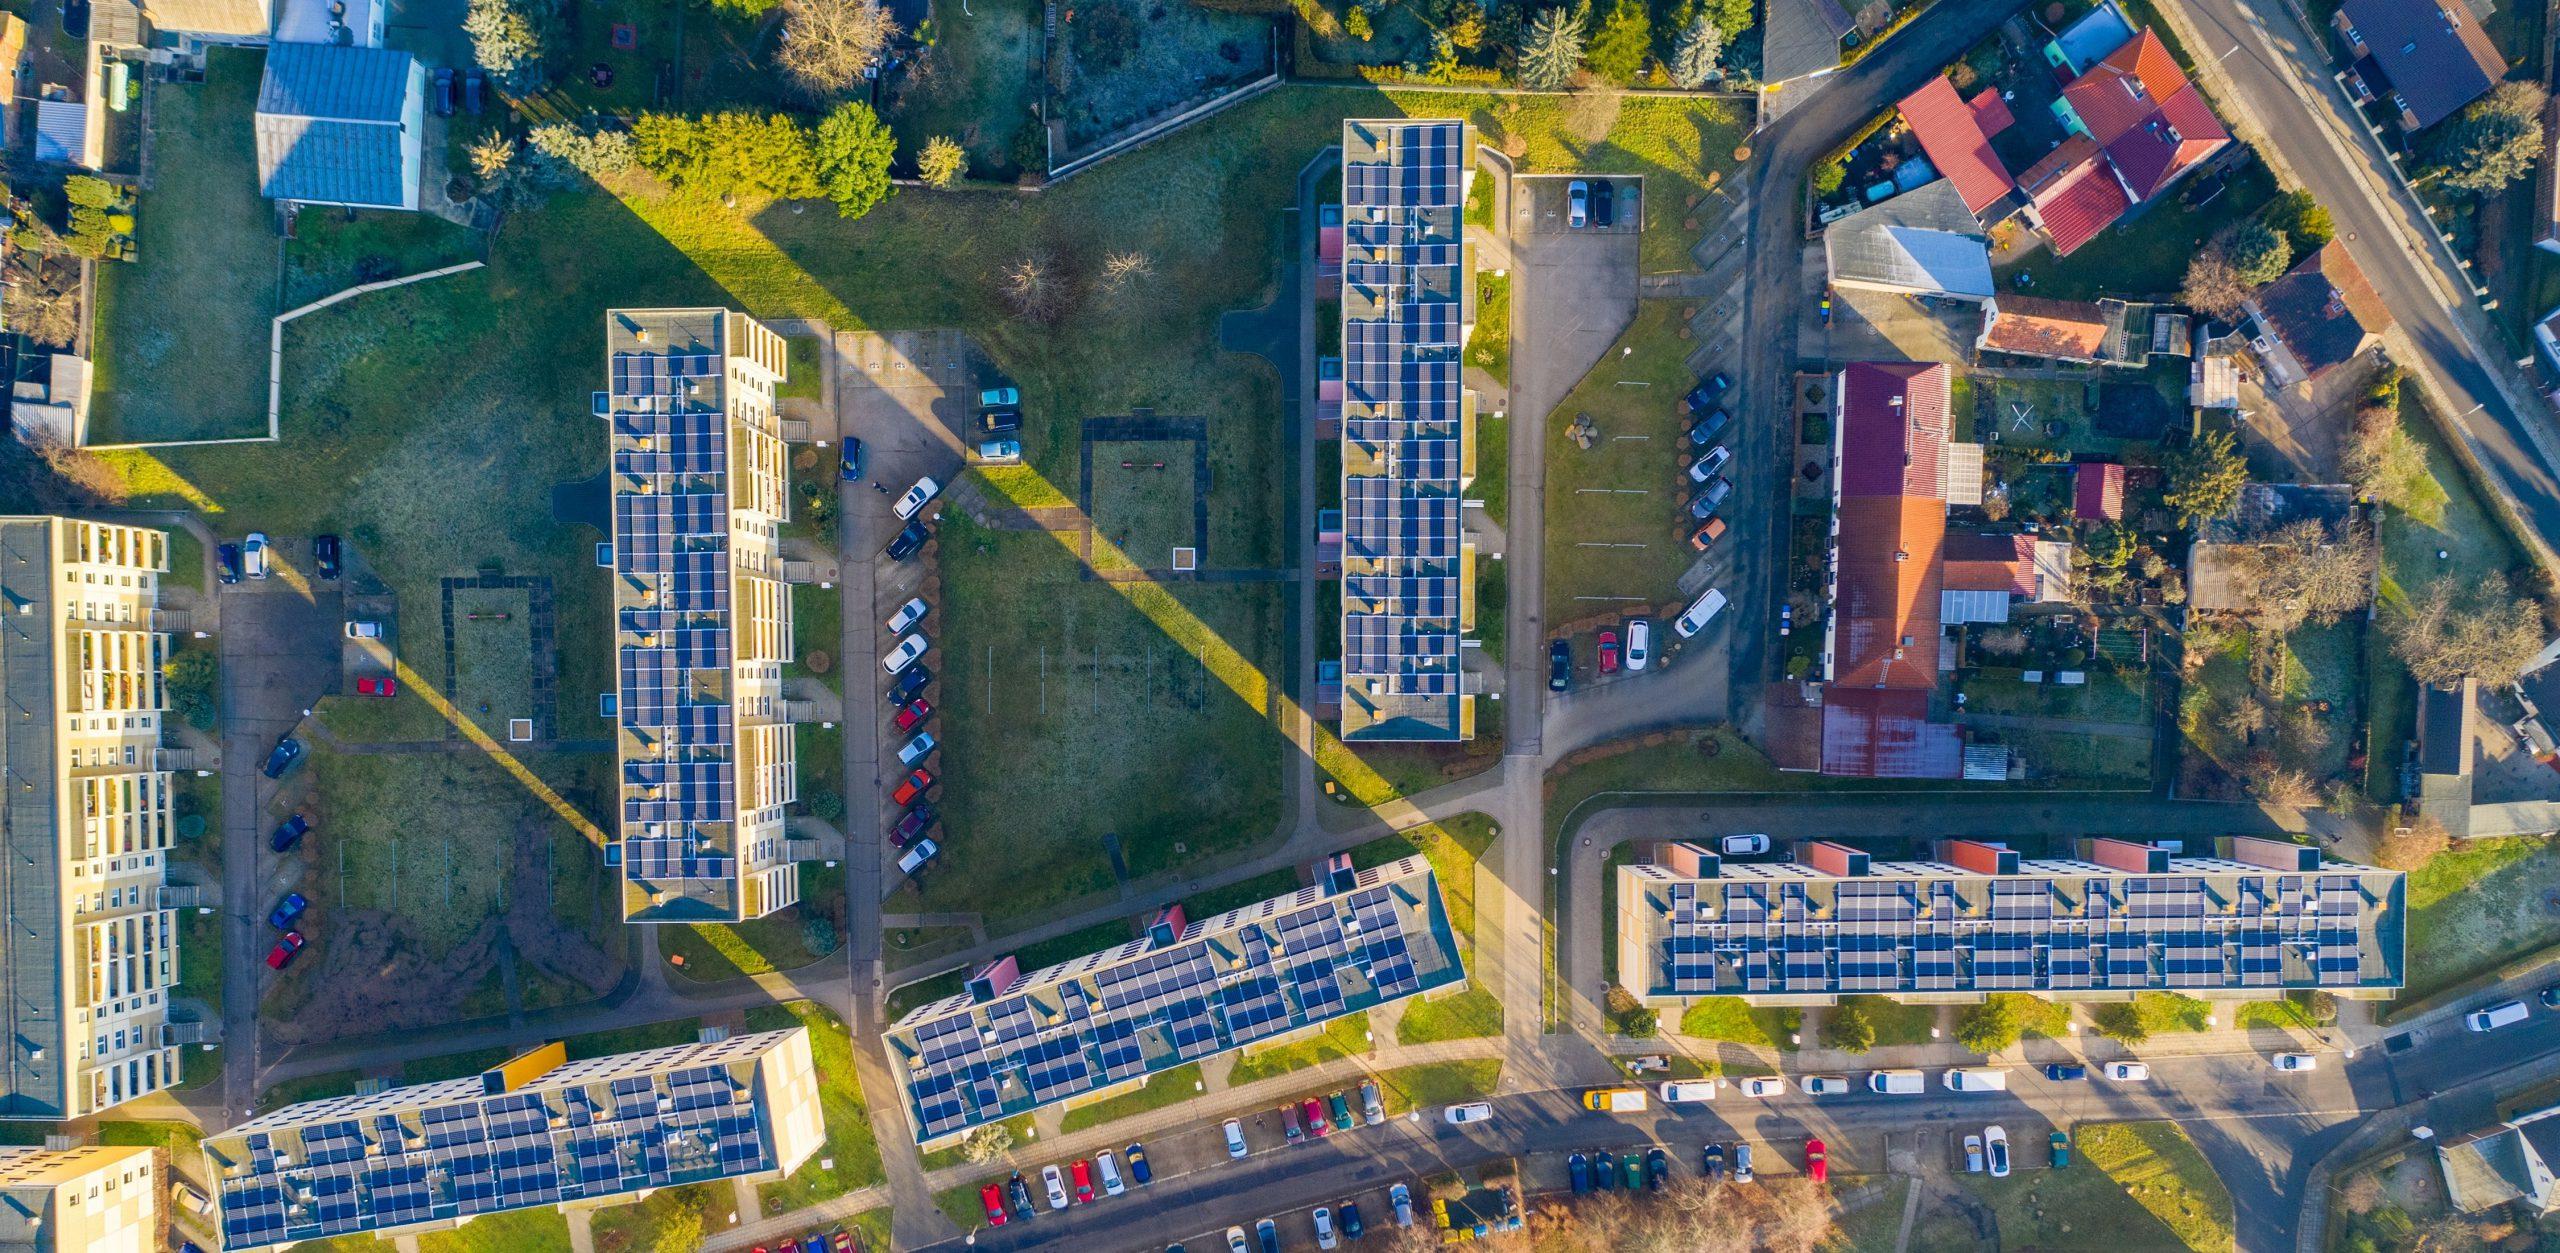 Kaupunkinäkymä, aurinkopaneeleja katoilla